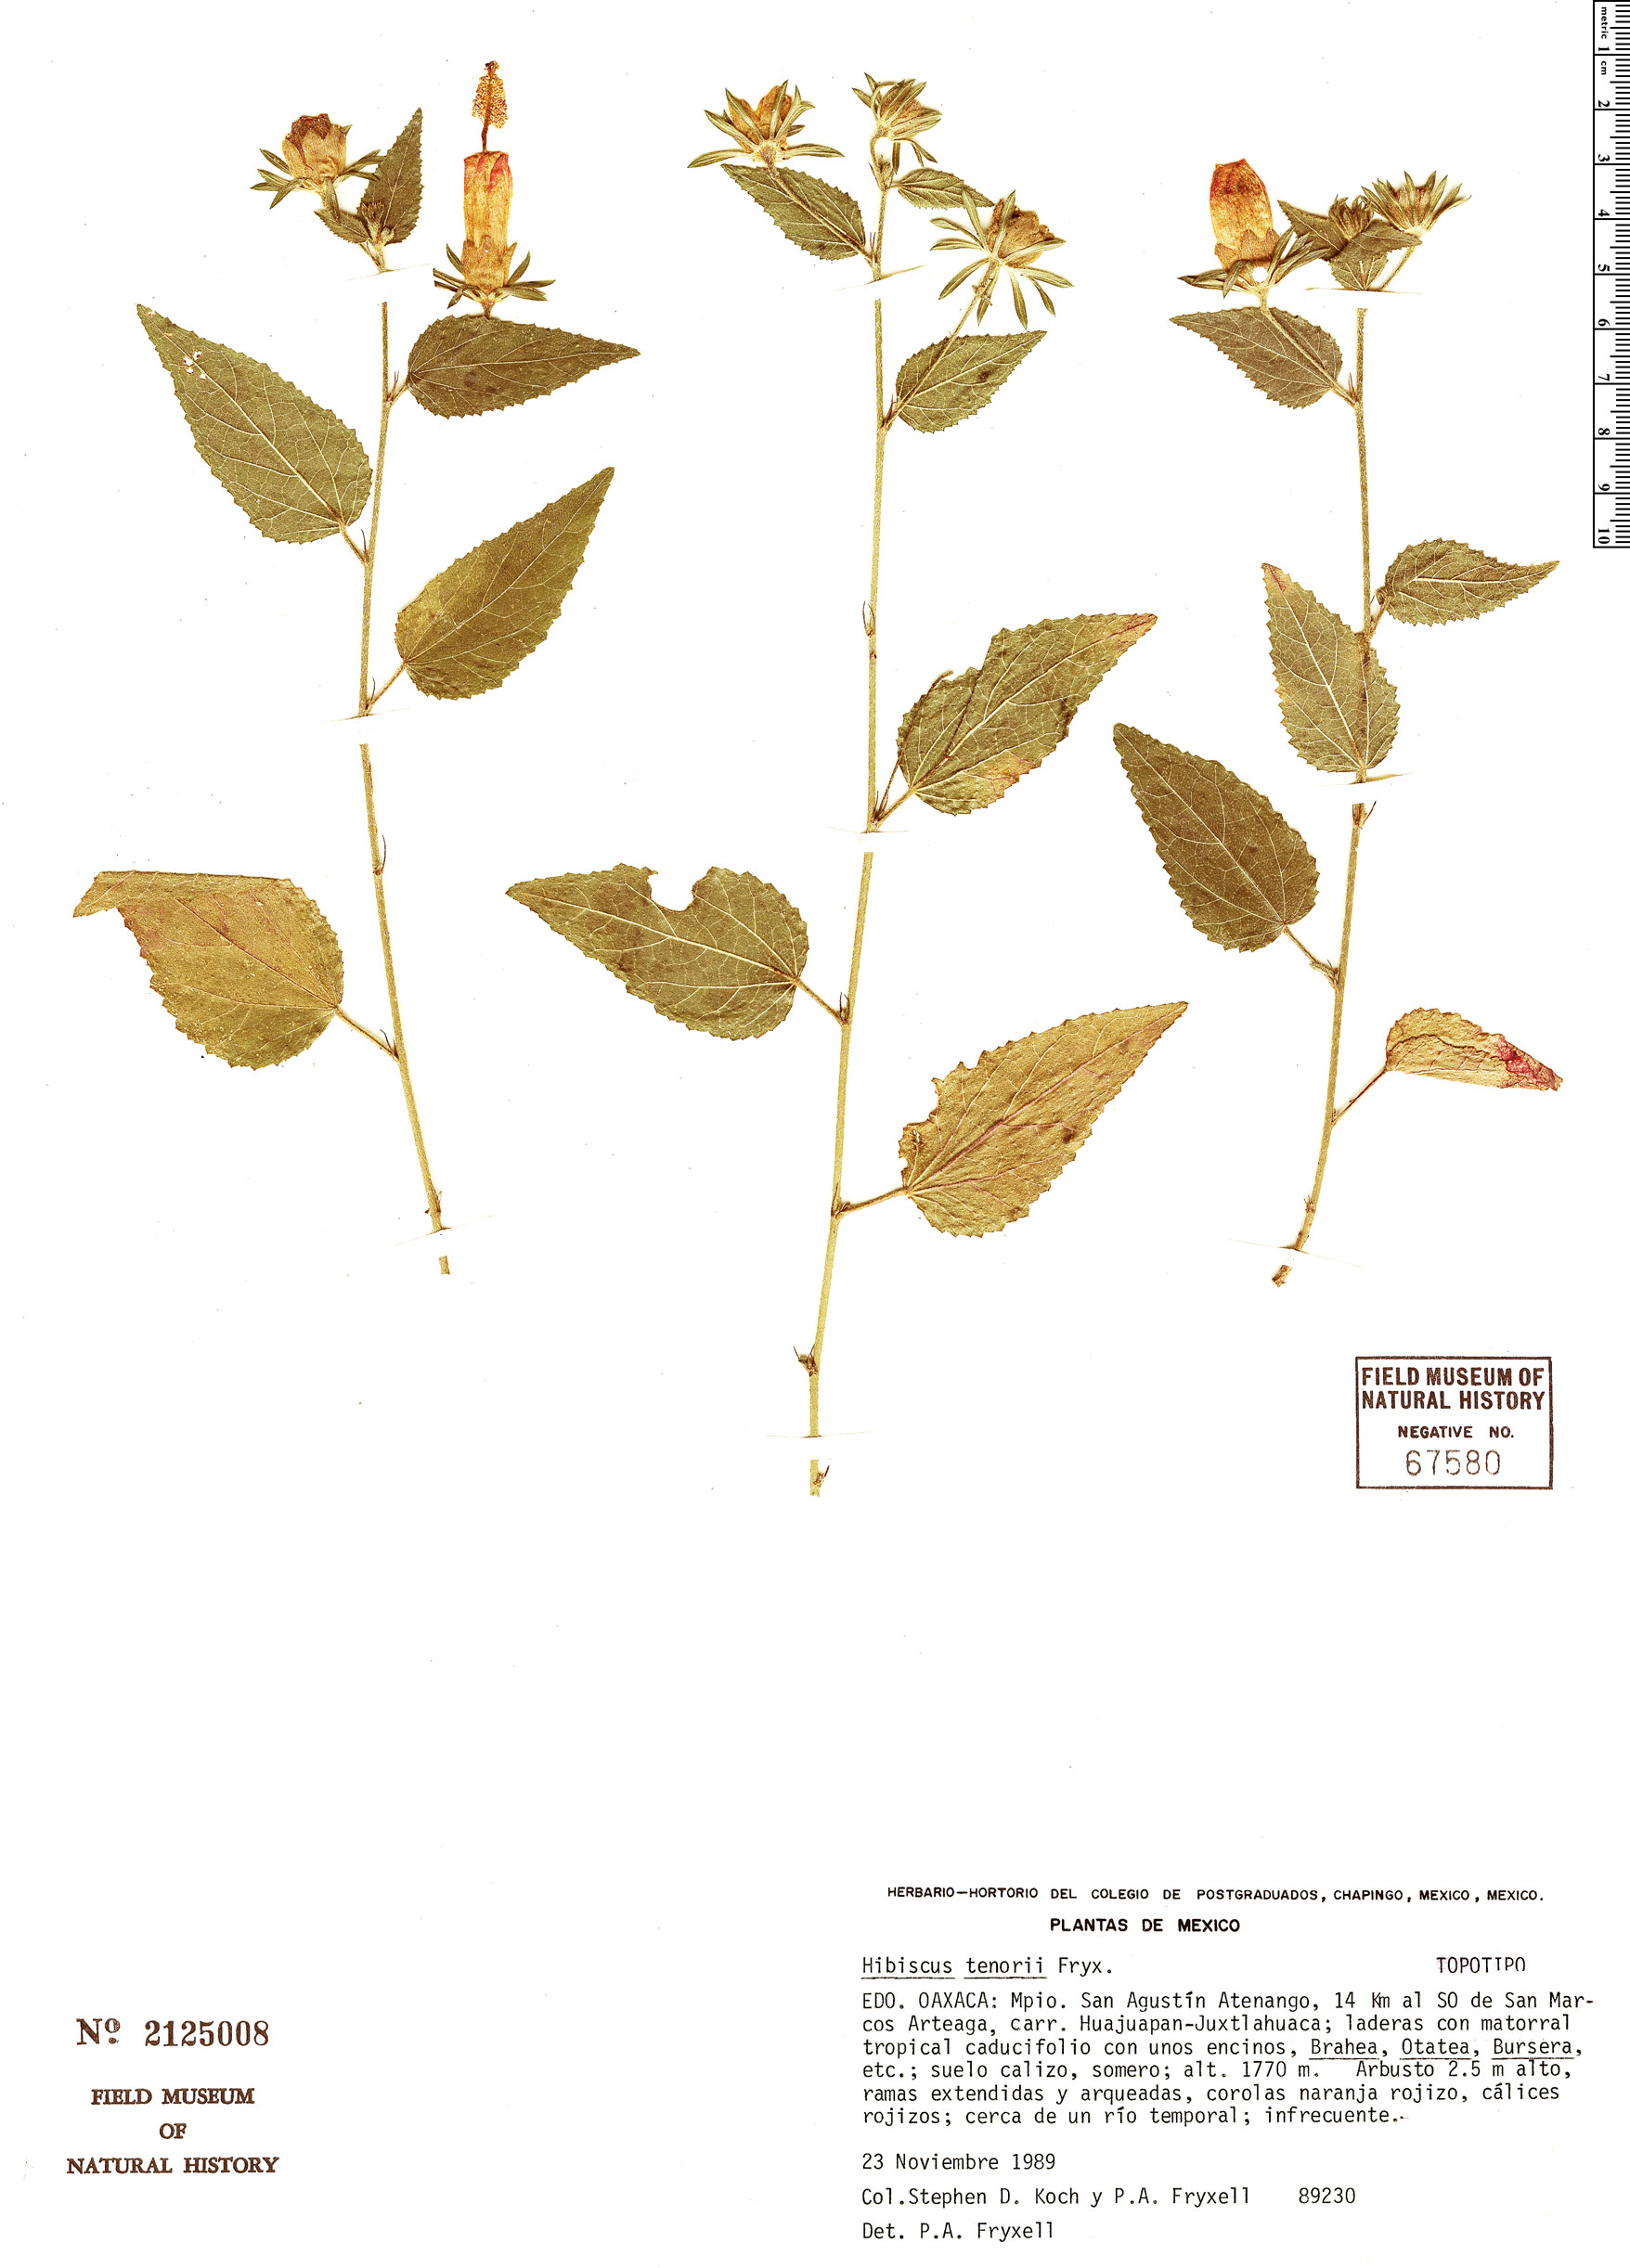 Specimen: Hibiscus tenorii